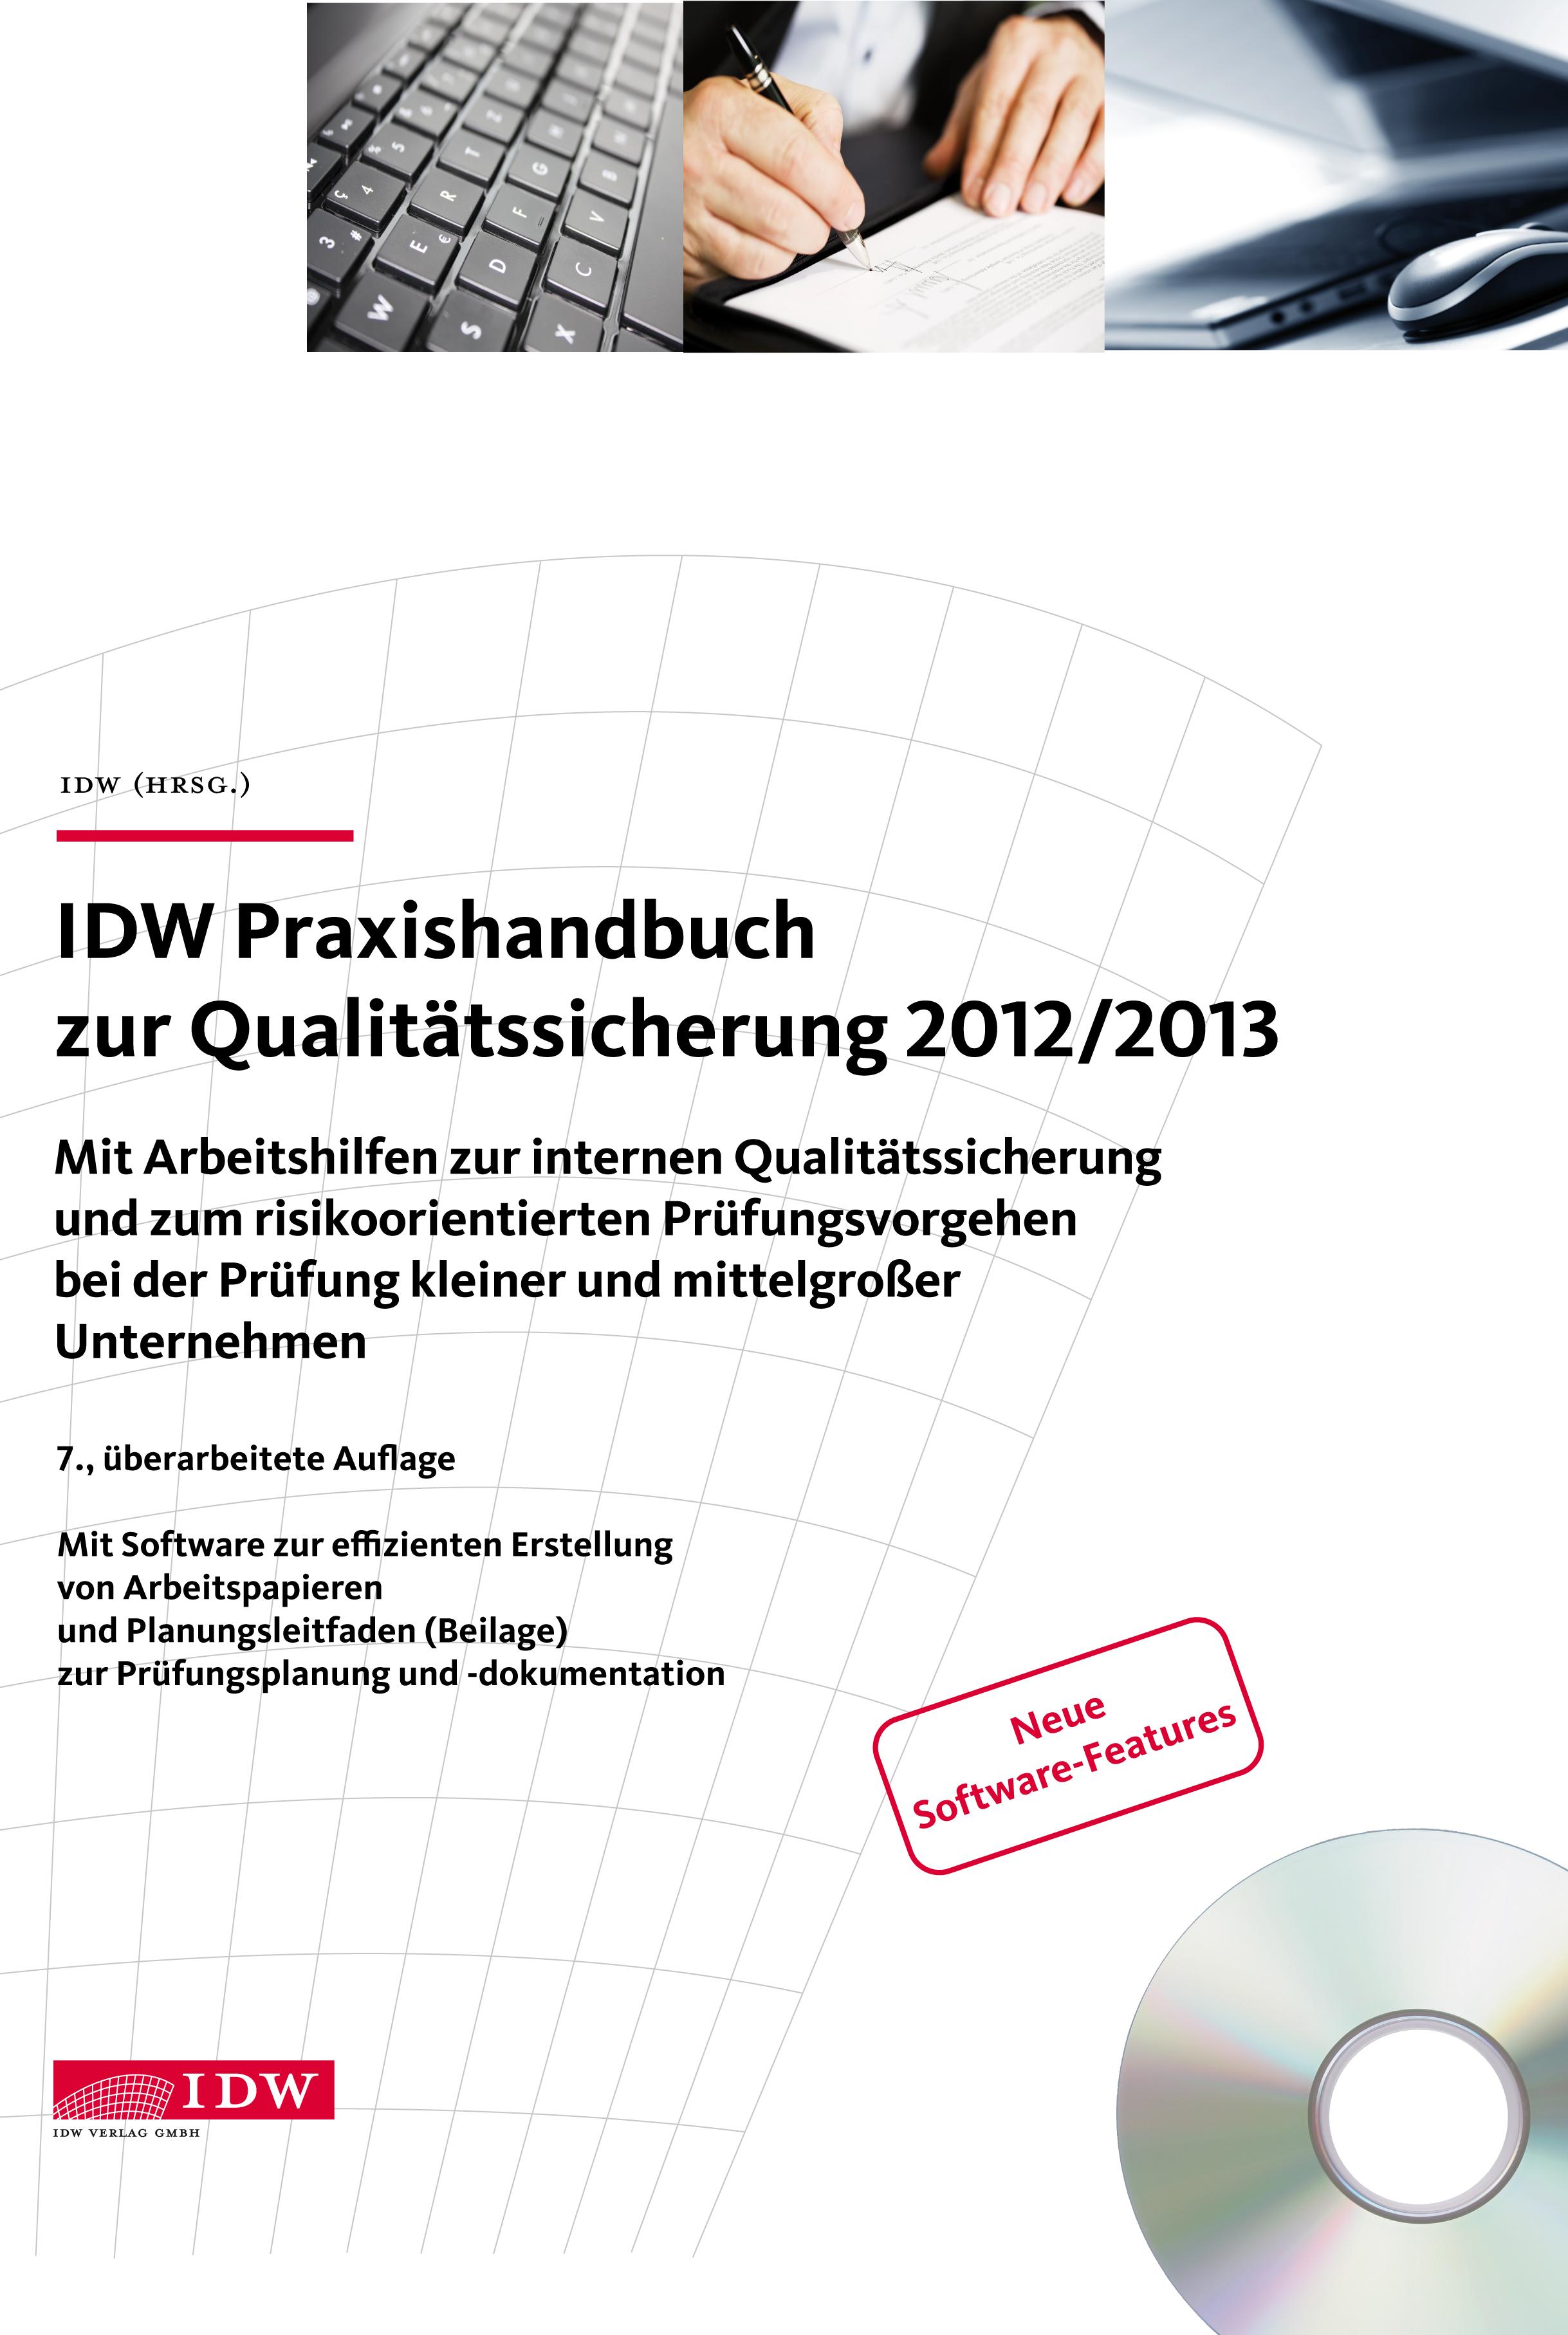 IDW Praxishandbuch zur Qualitätssicherung 2012/...